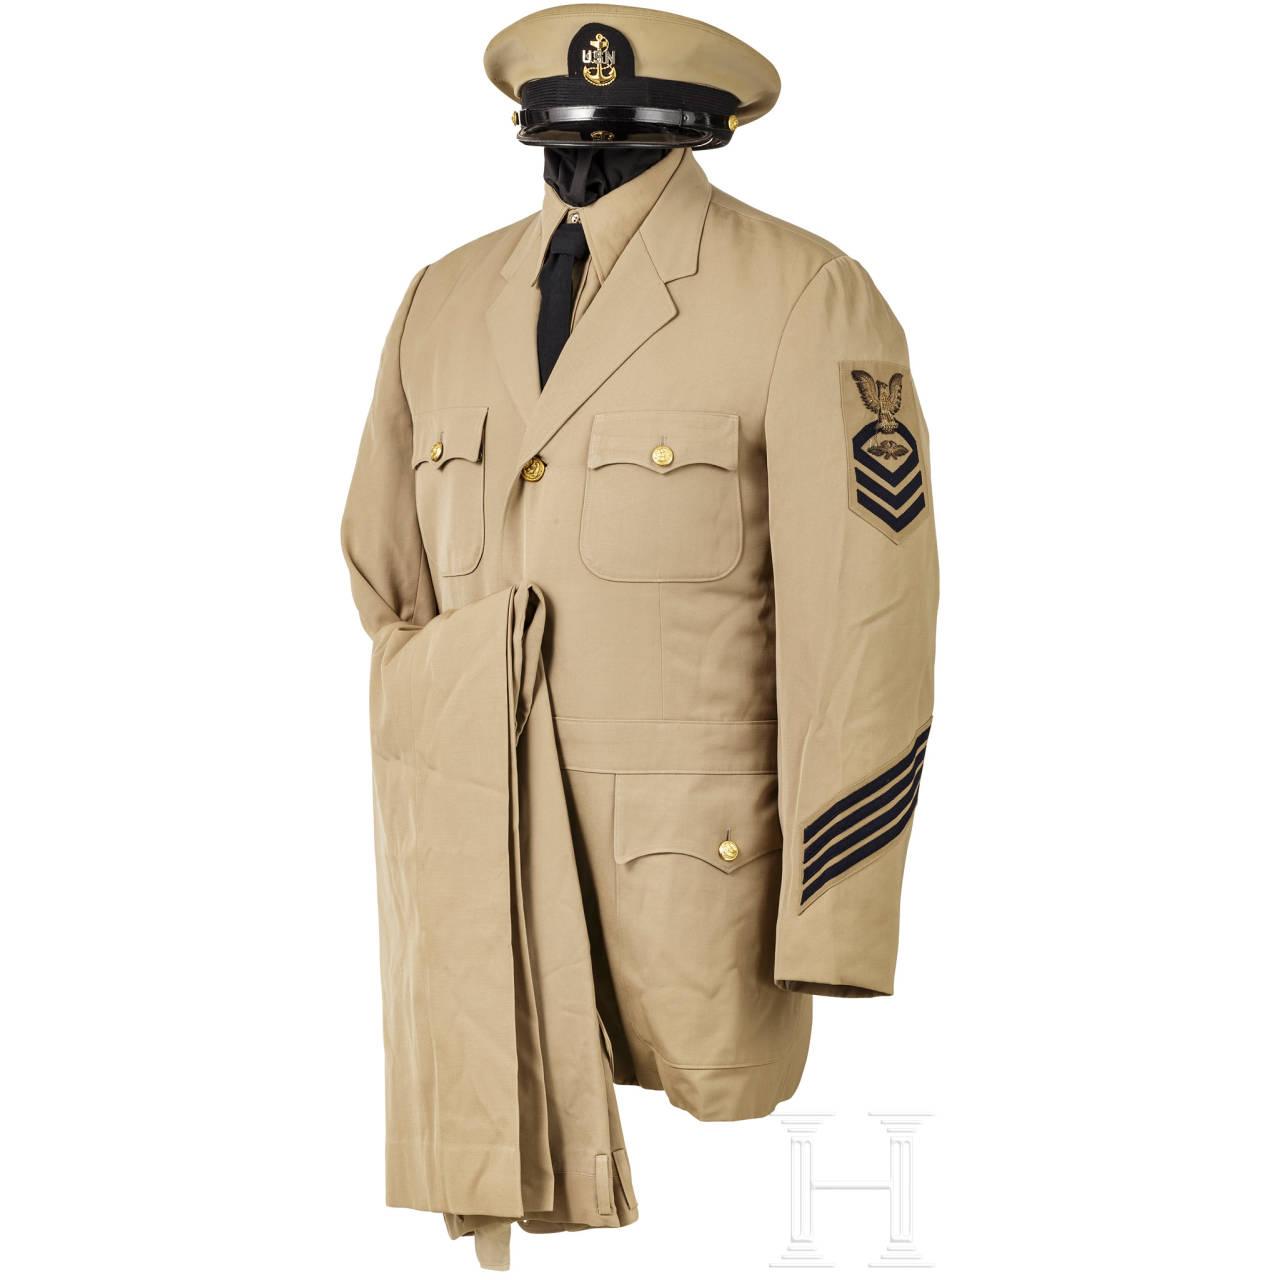 Sommeruniform für Unteroffiziere der US-Navy, 2. Weltkrieg